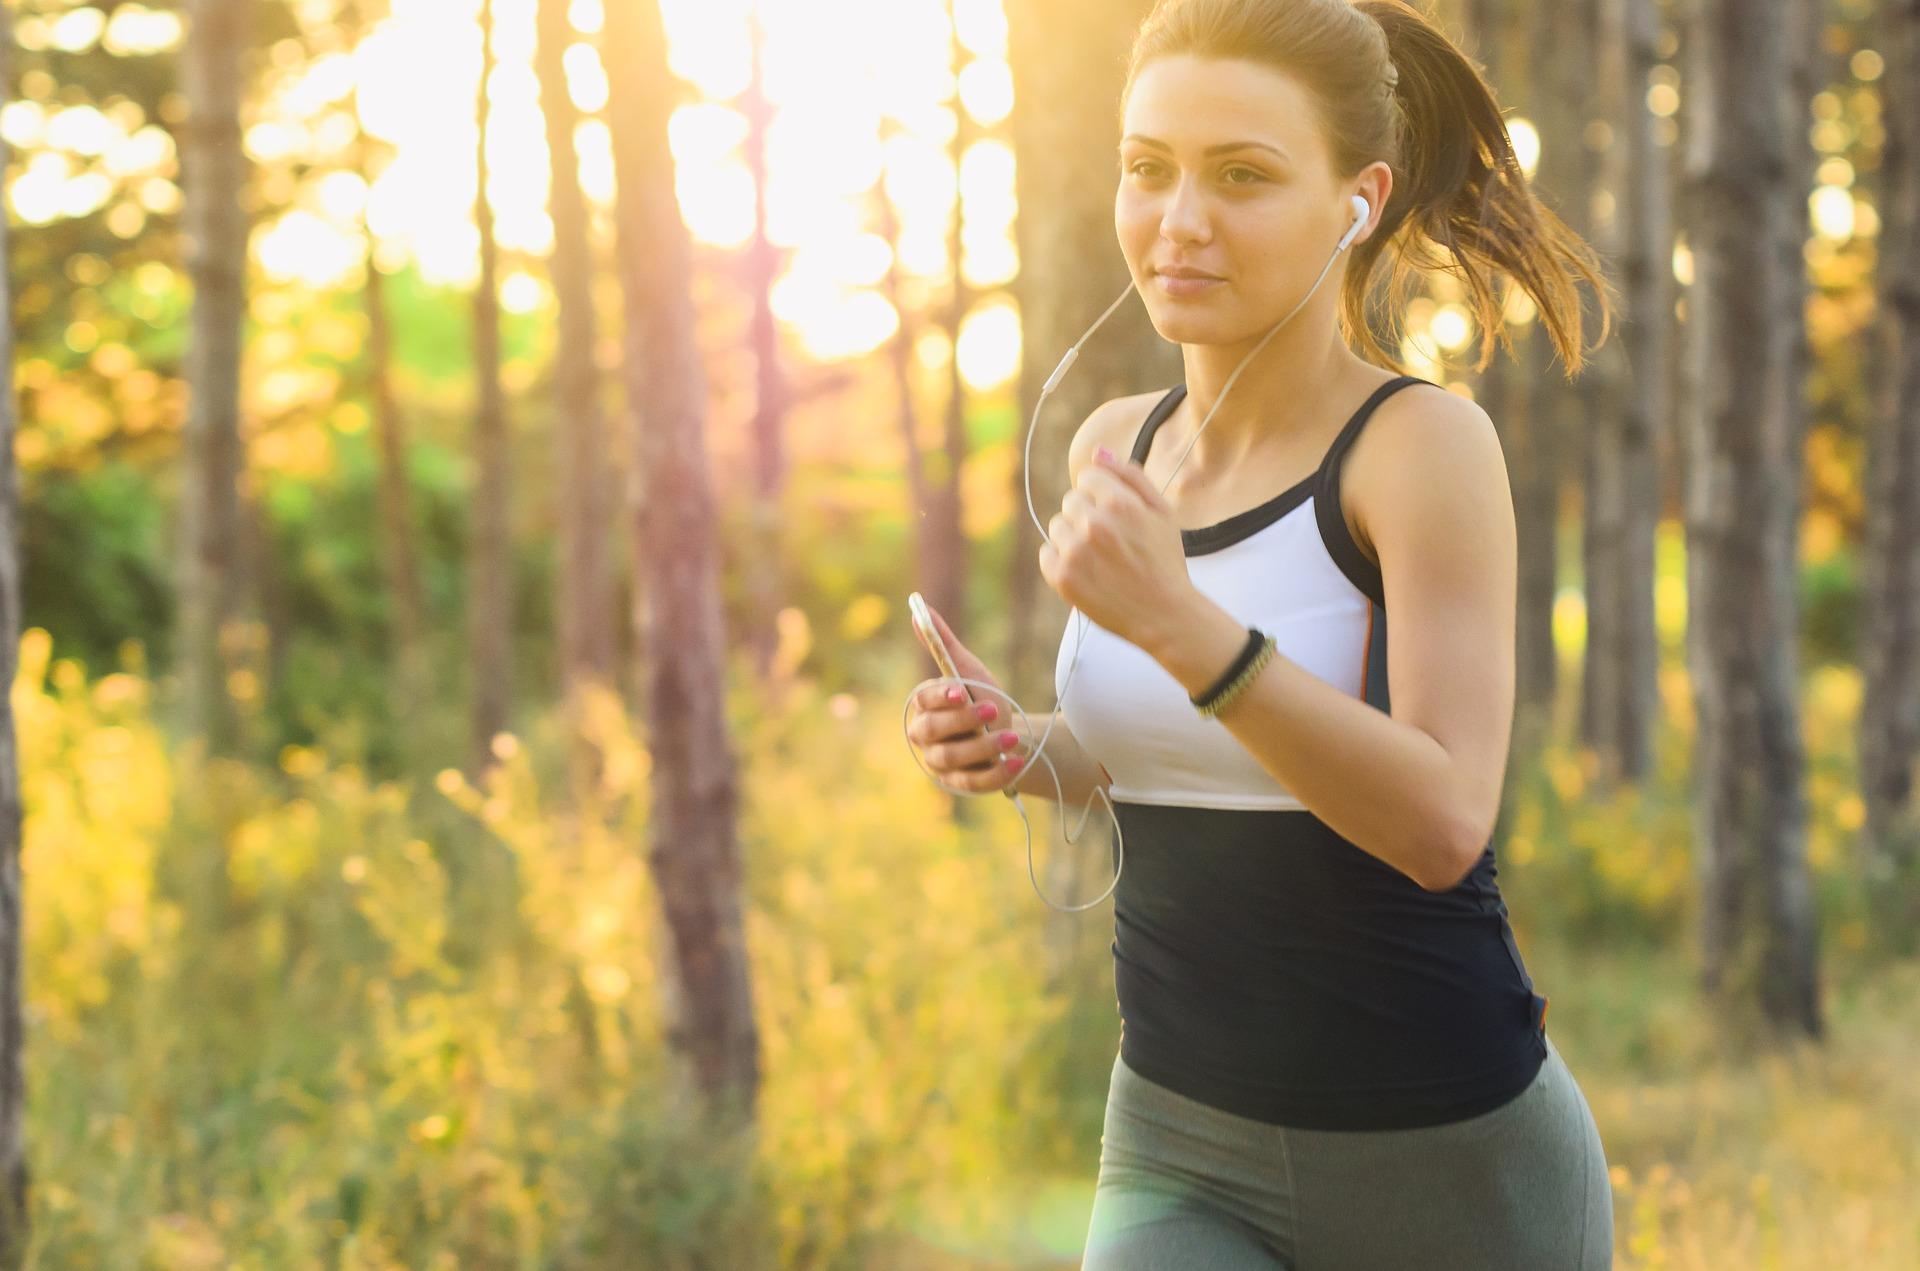 Spor Yapanların Beslenmelerinde Dikkat Etmesi Gereken Noktalar